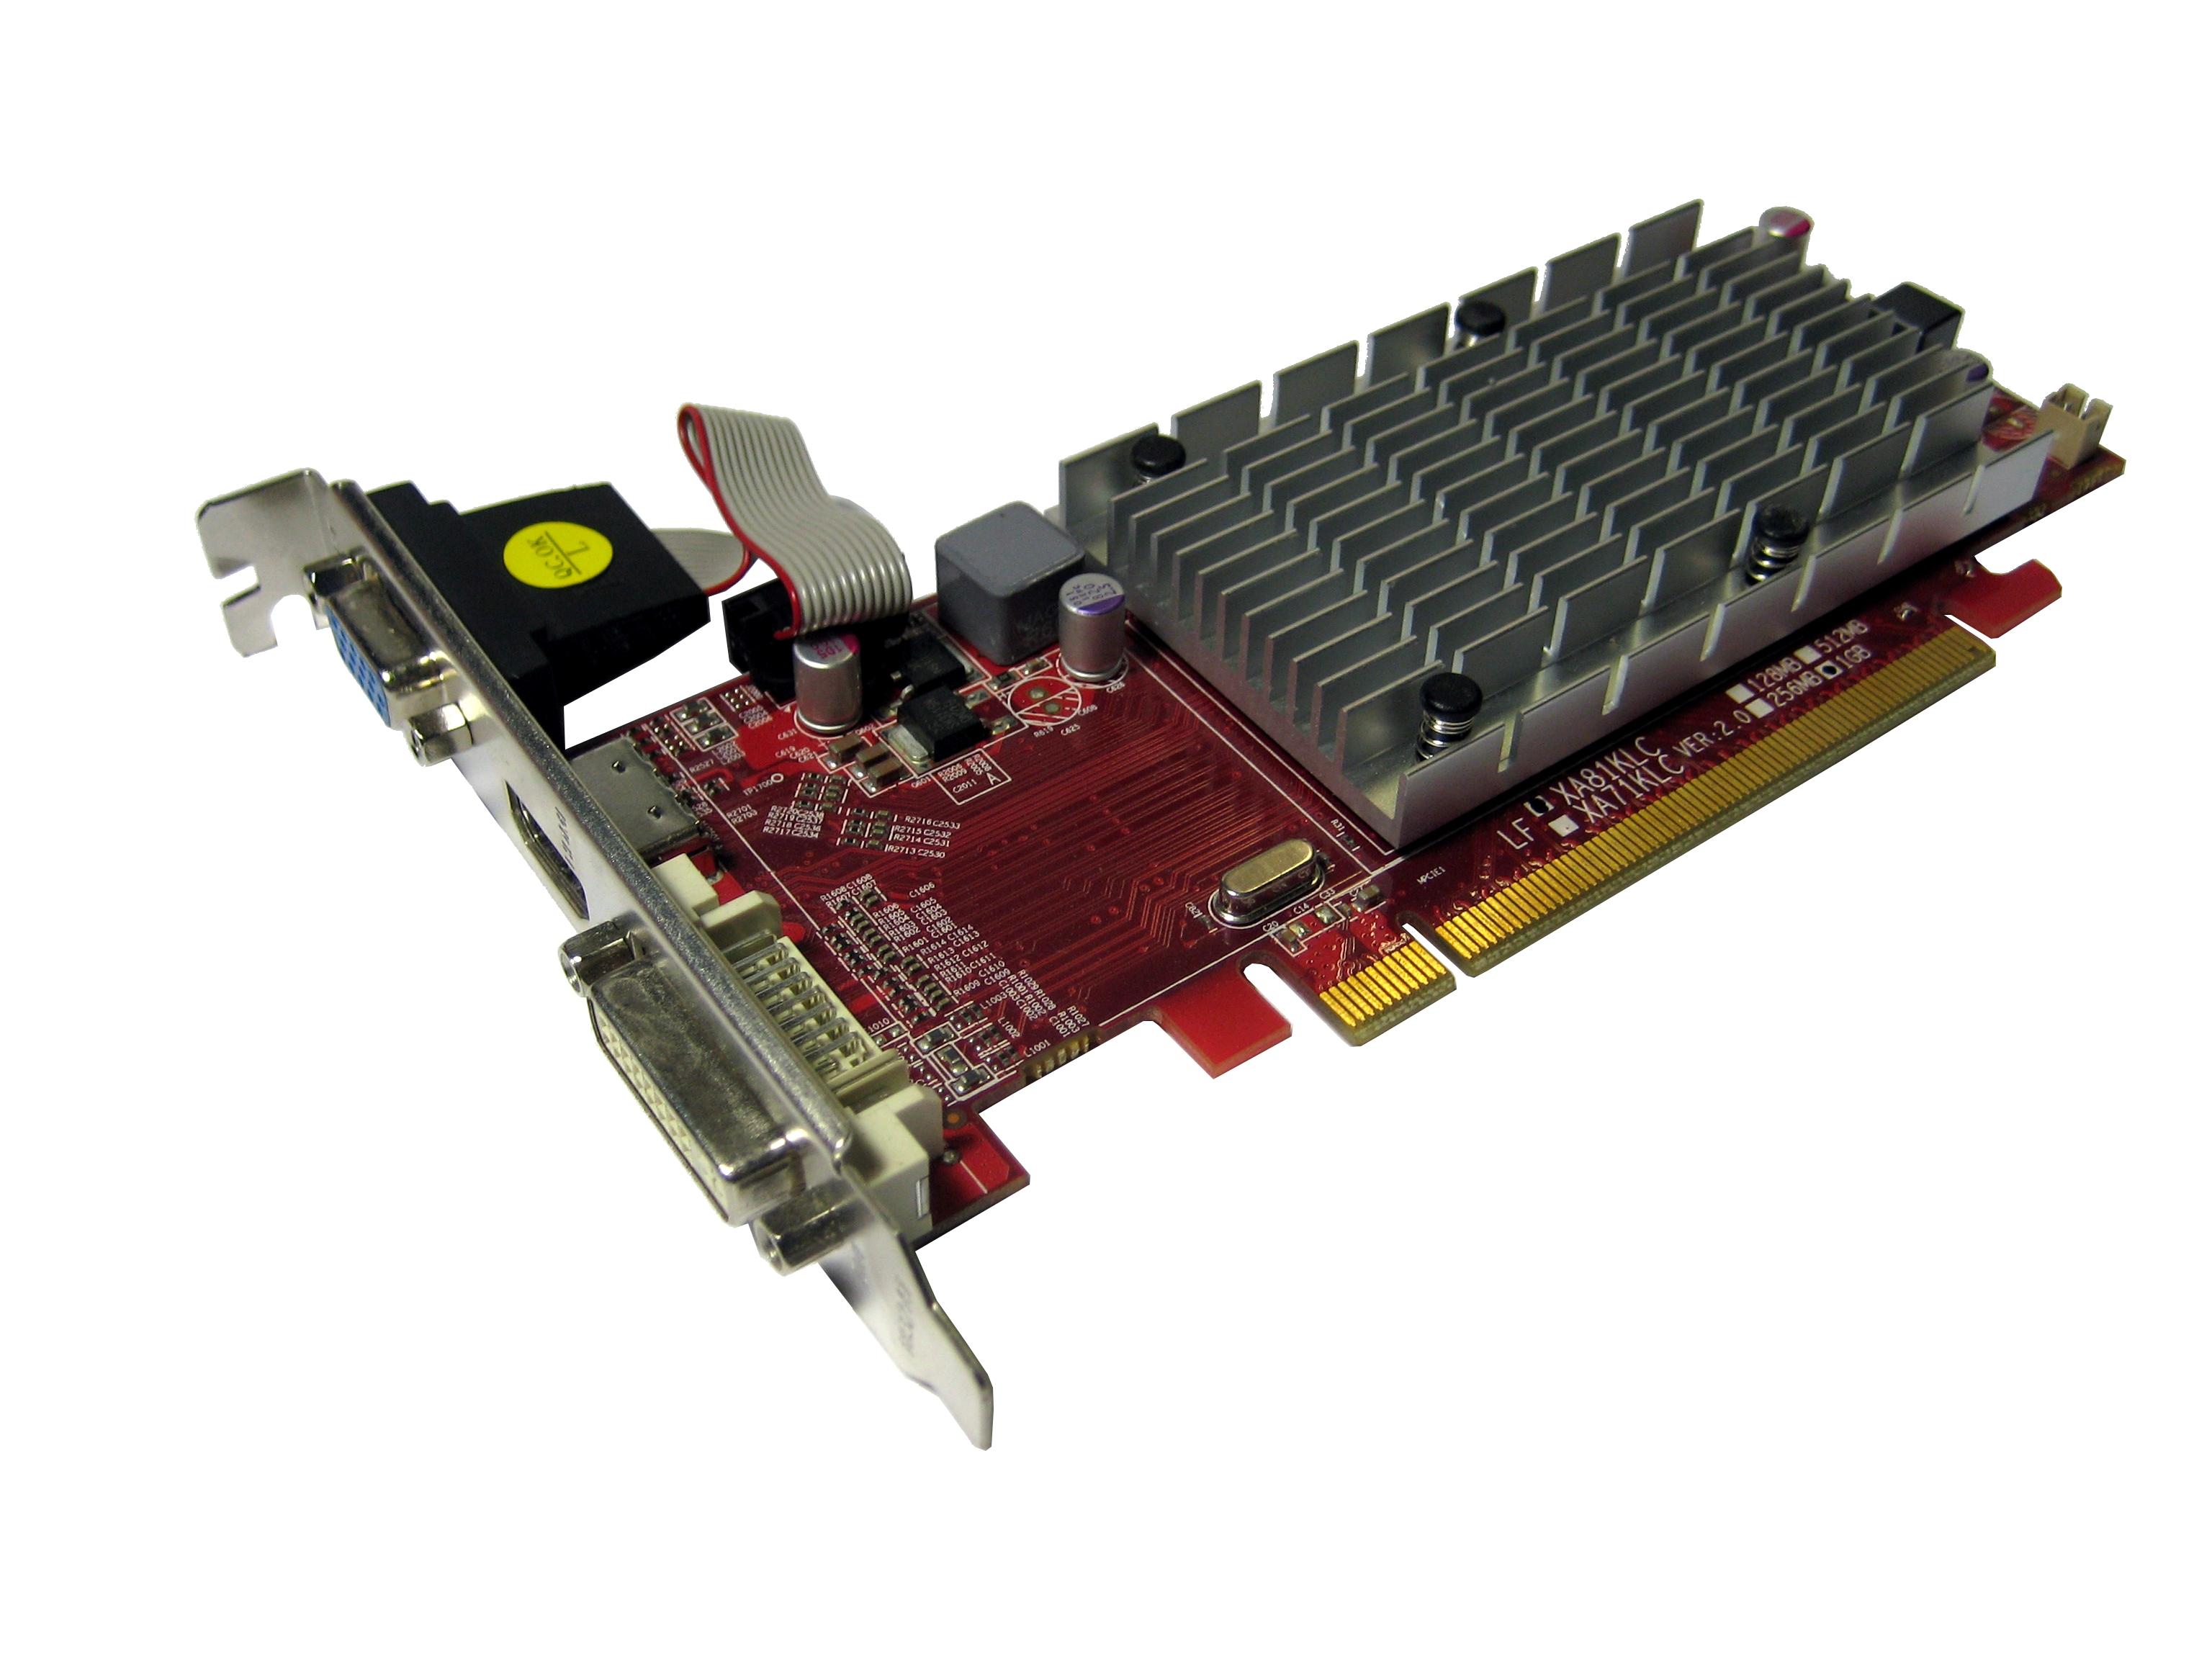 VTX VX5450 1GBK3-HV2 Radeon HD 5450 1GB PCI Express Graphics Card